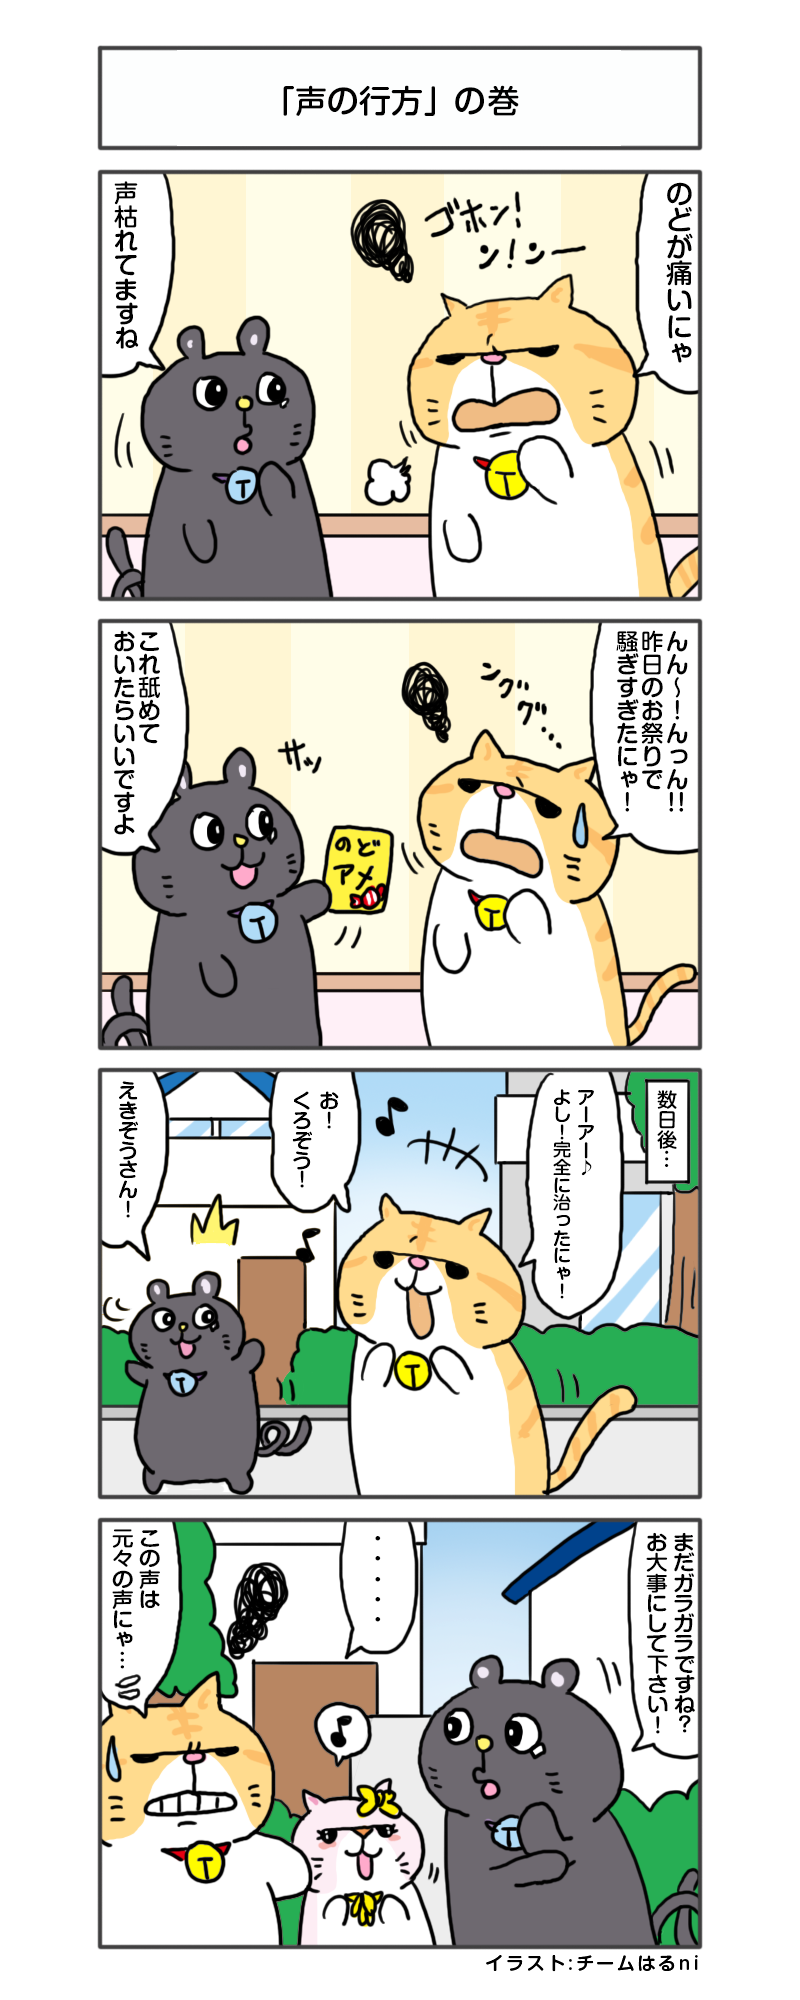 えきぞうmanga_vol.210